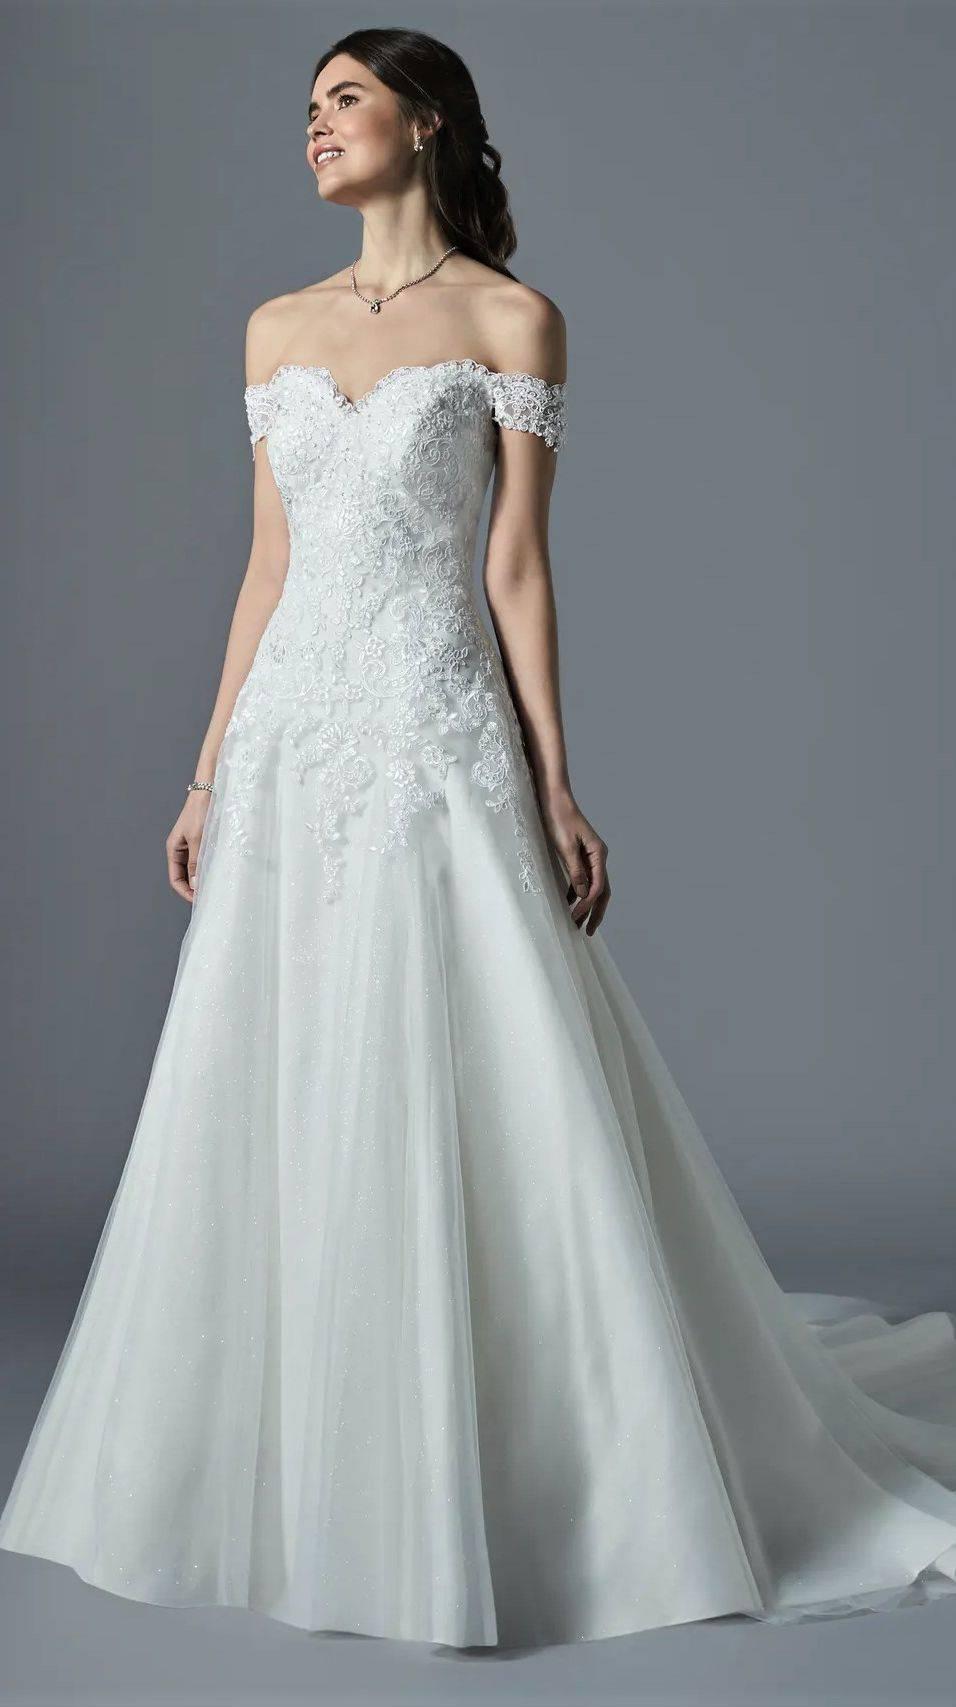 Plus size wedding dress size 24